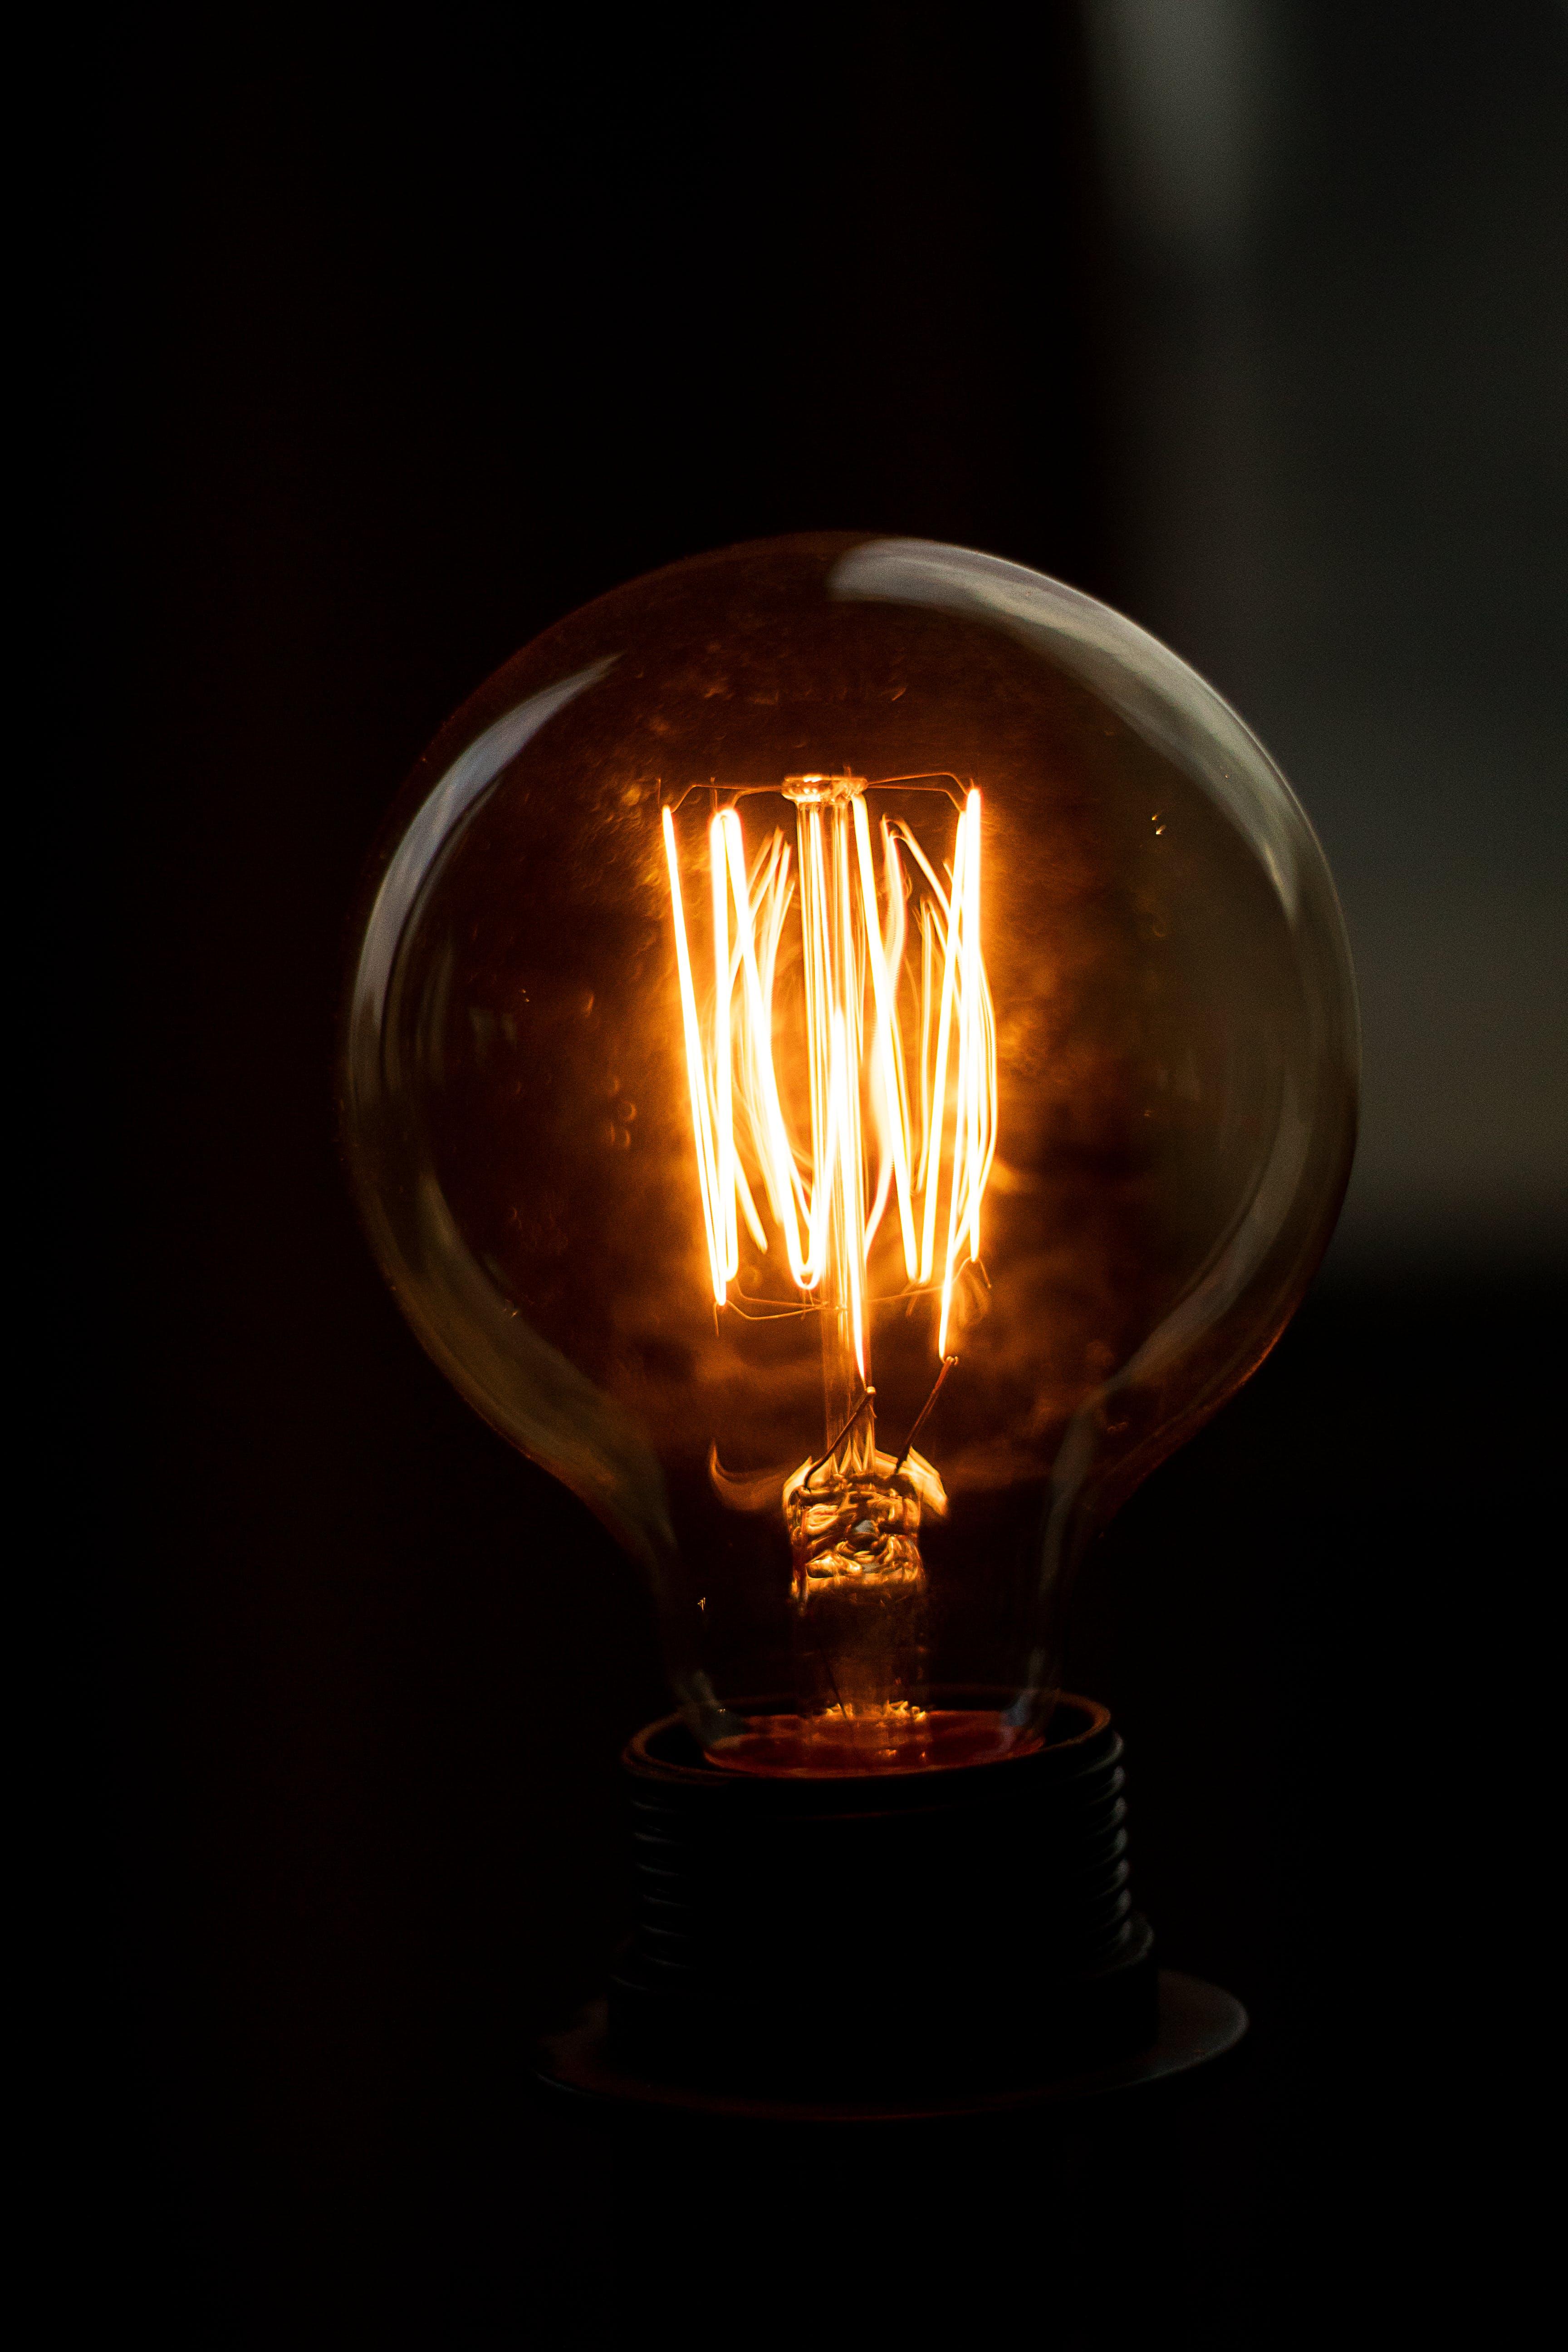 Gratis lagerfoto af belyst, brændt, close-up, elektricitet